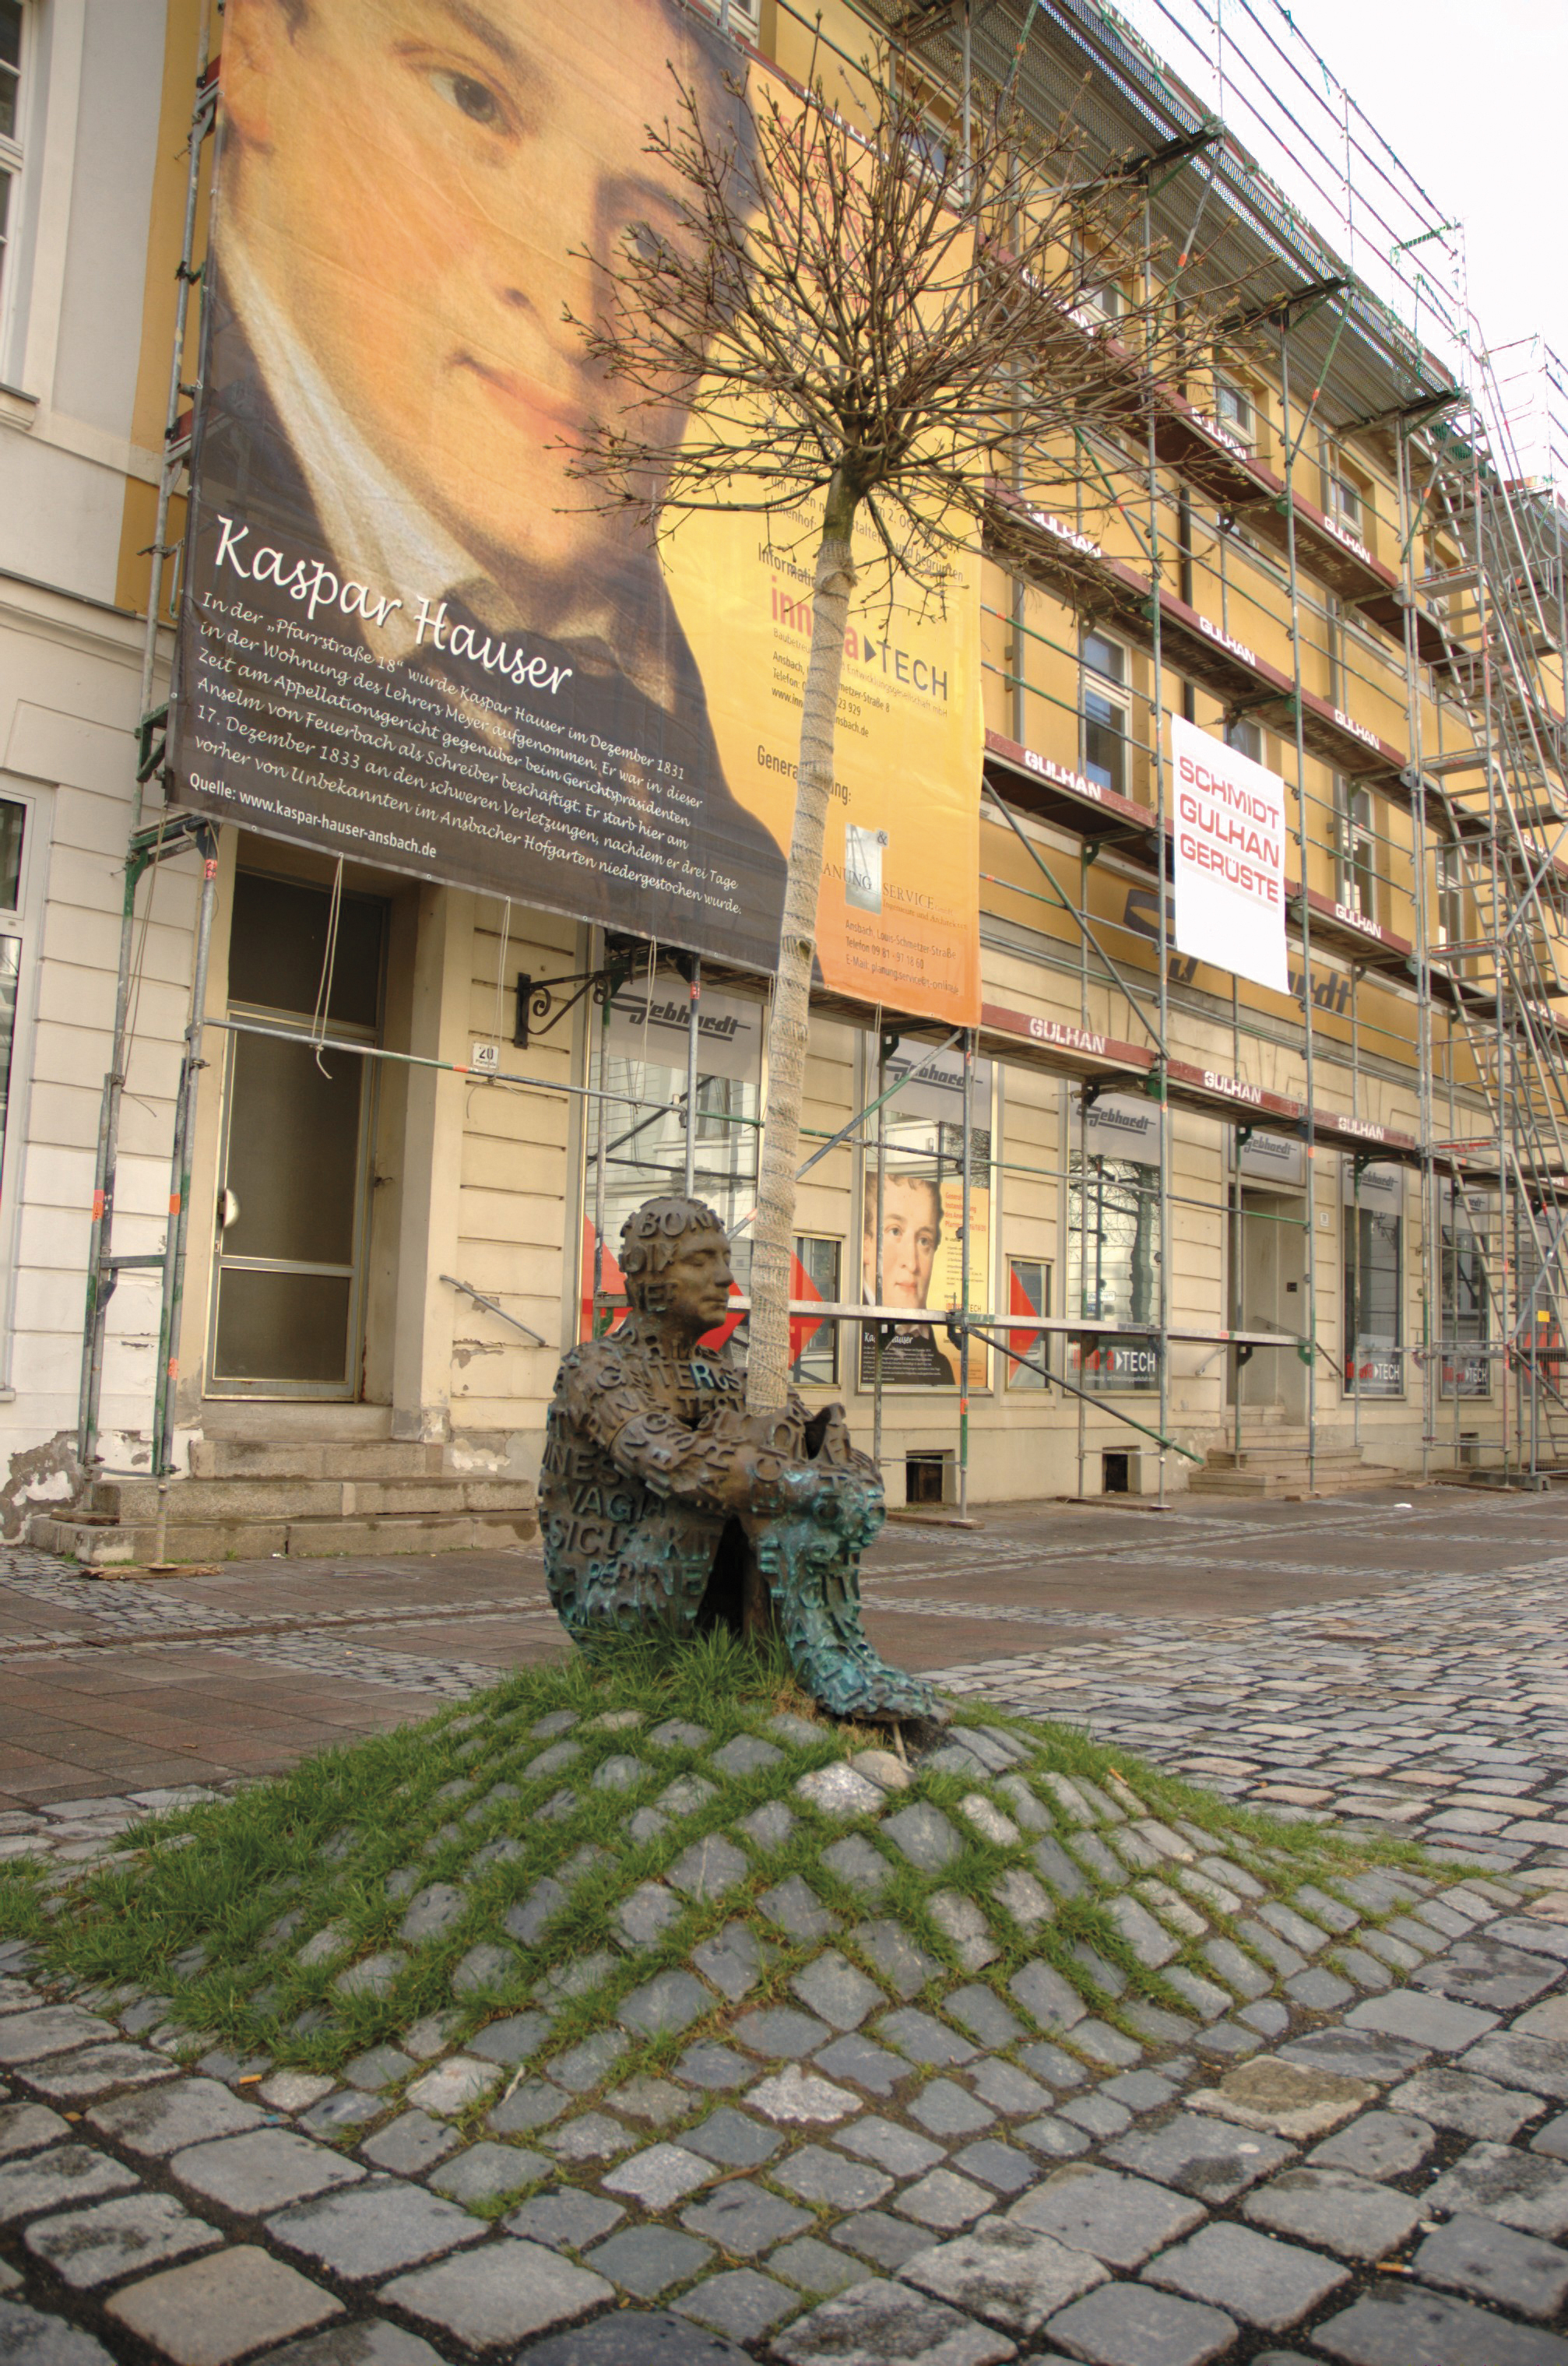 Kaspar Hauser. O estranho enigma que se resolveu a si próprio